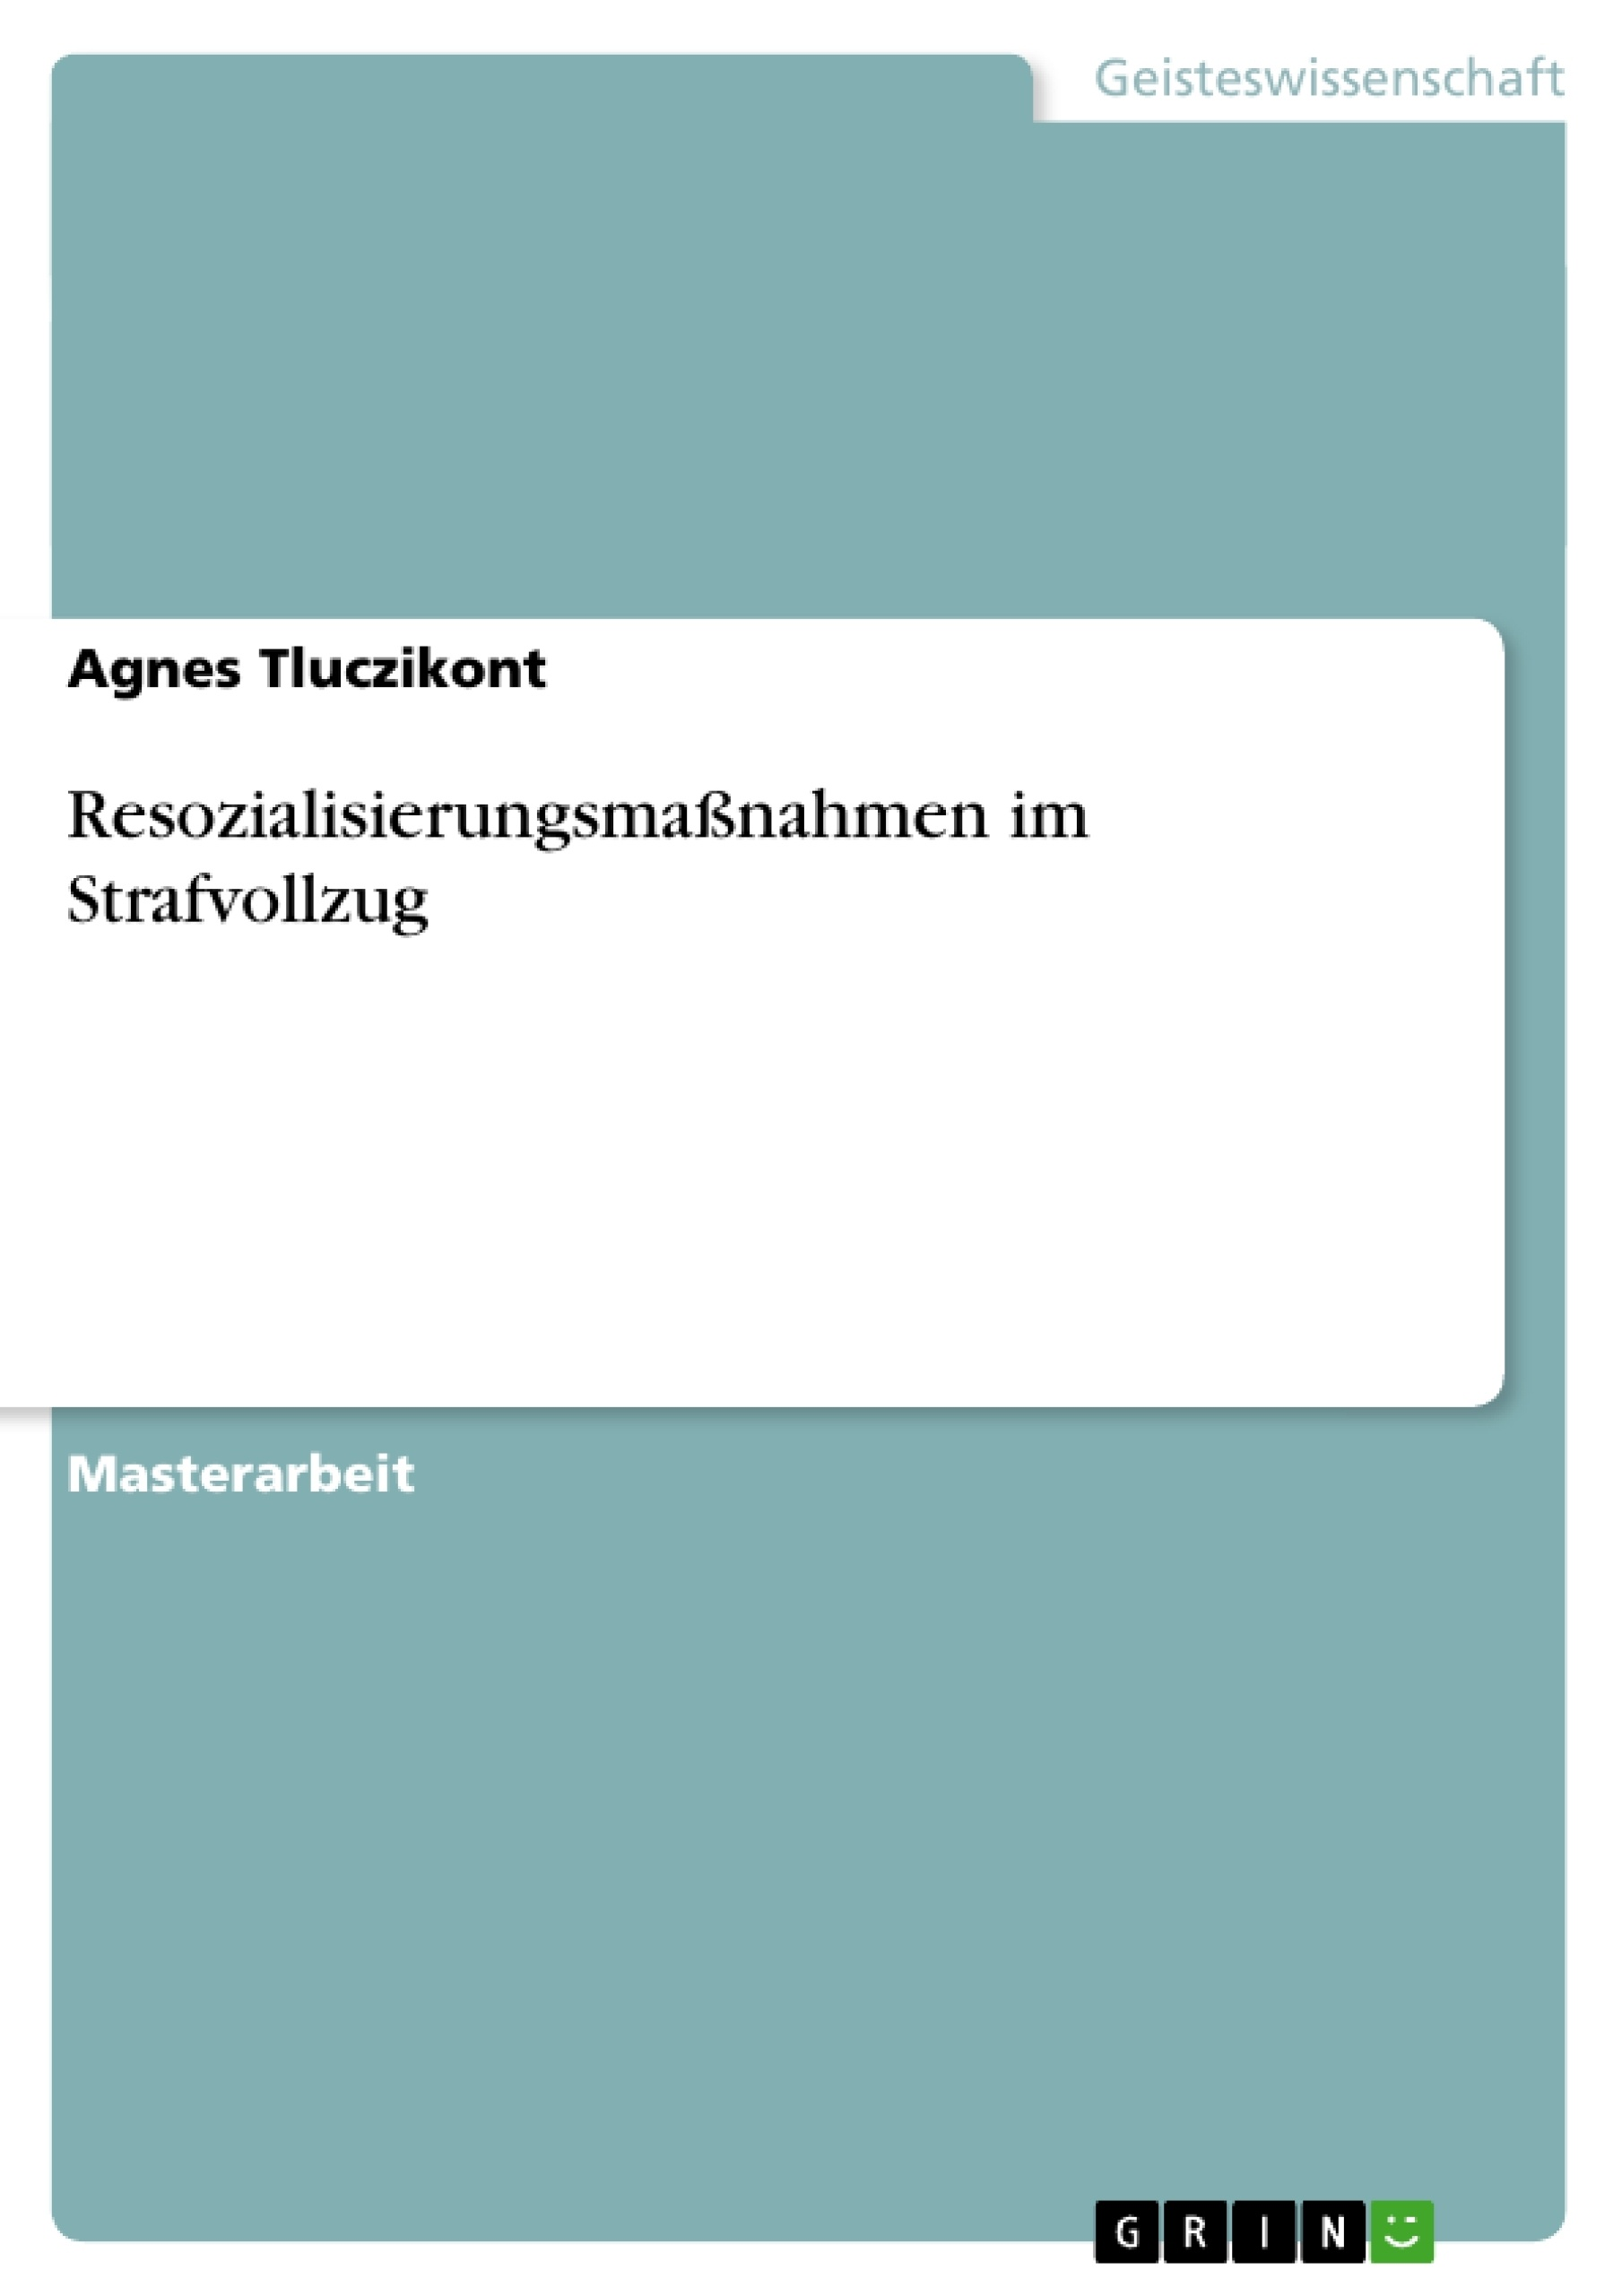 Titel: Resozialisierungsmaßnahmen im Strafvollzug